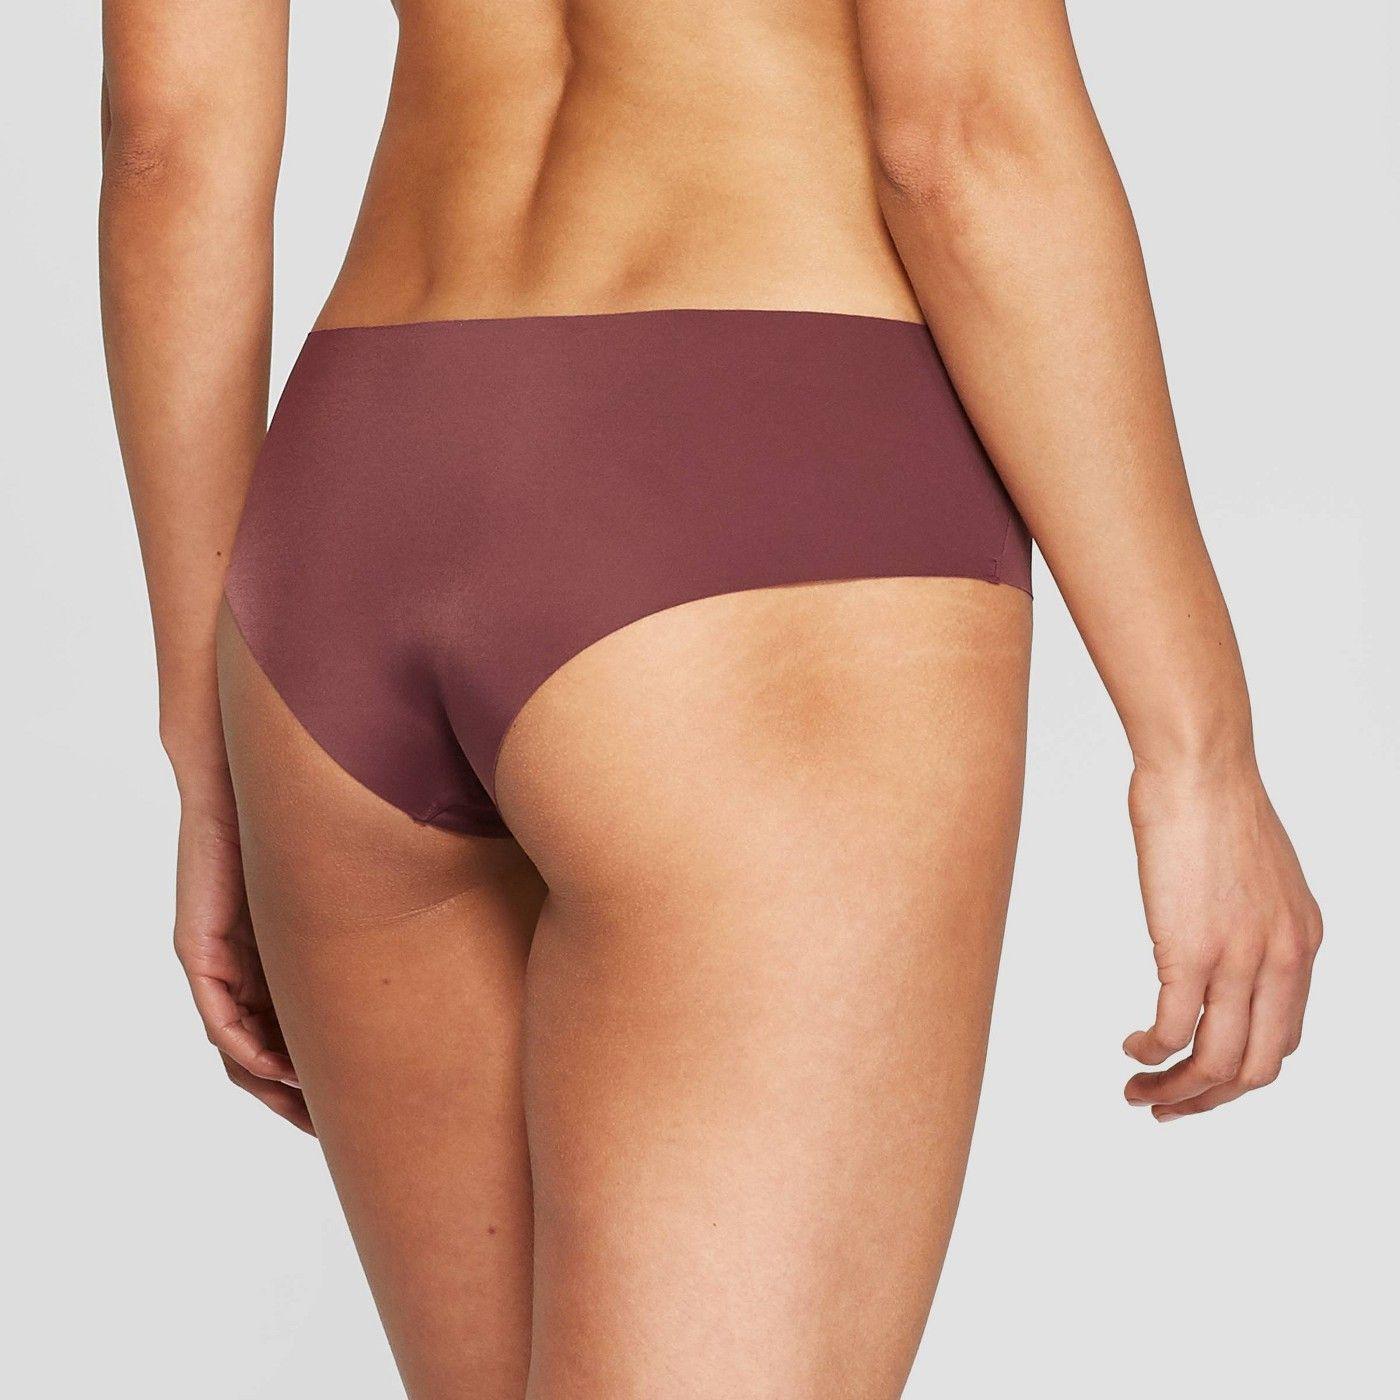 Details about  /New 18 color Soft Nylon Shiny Panties High Cuts Briefs Lingerie Women Men White